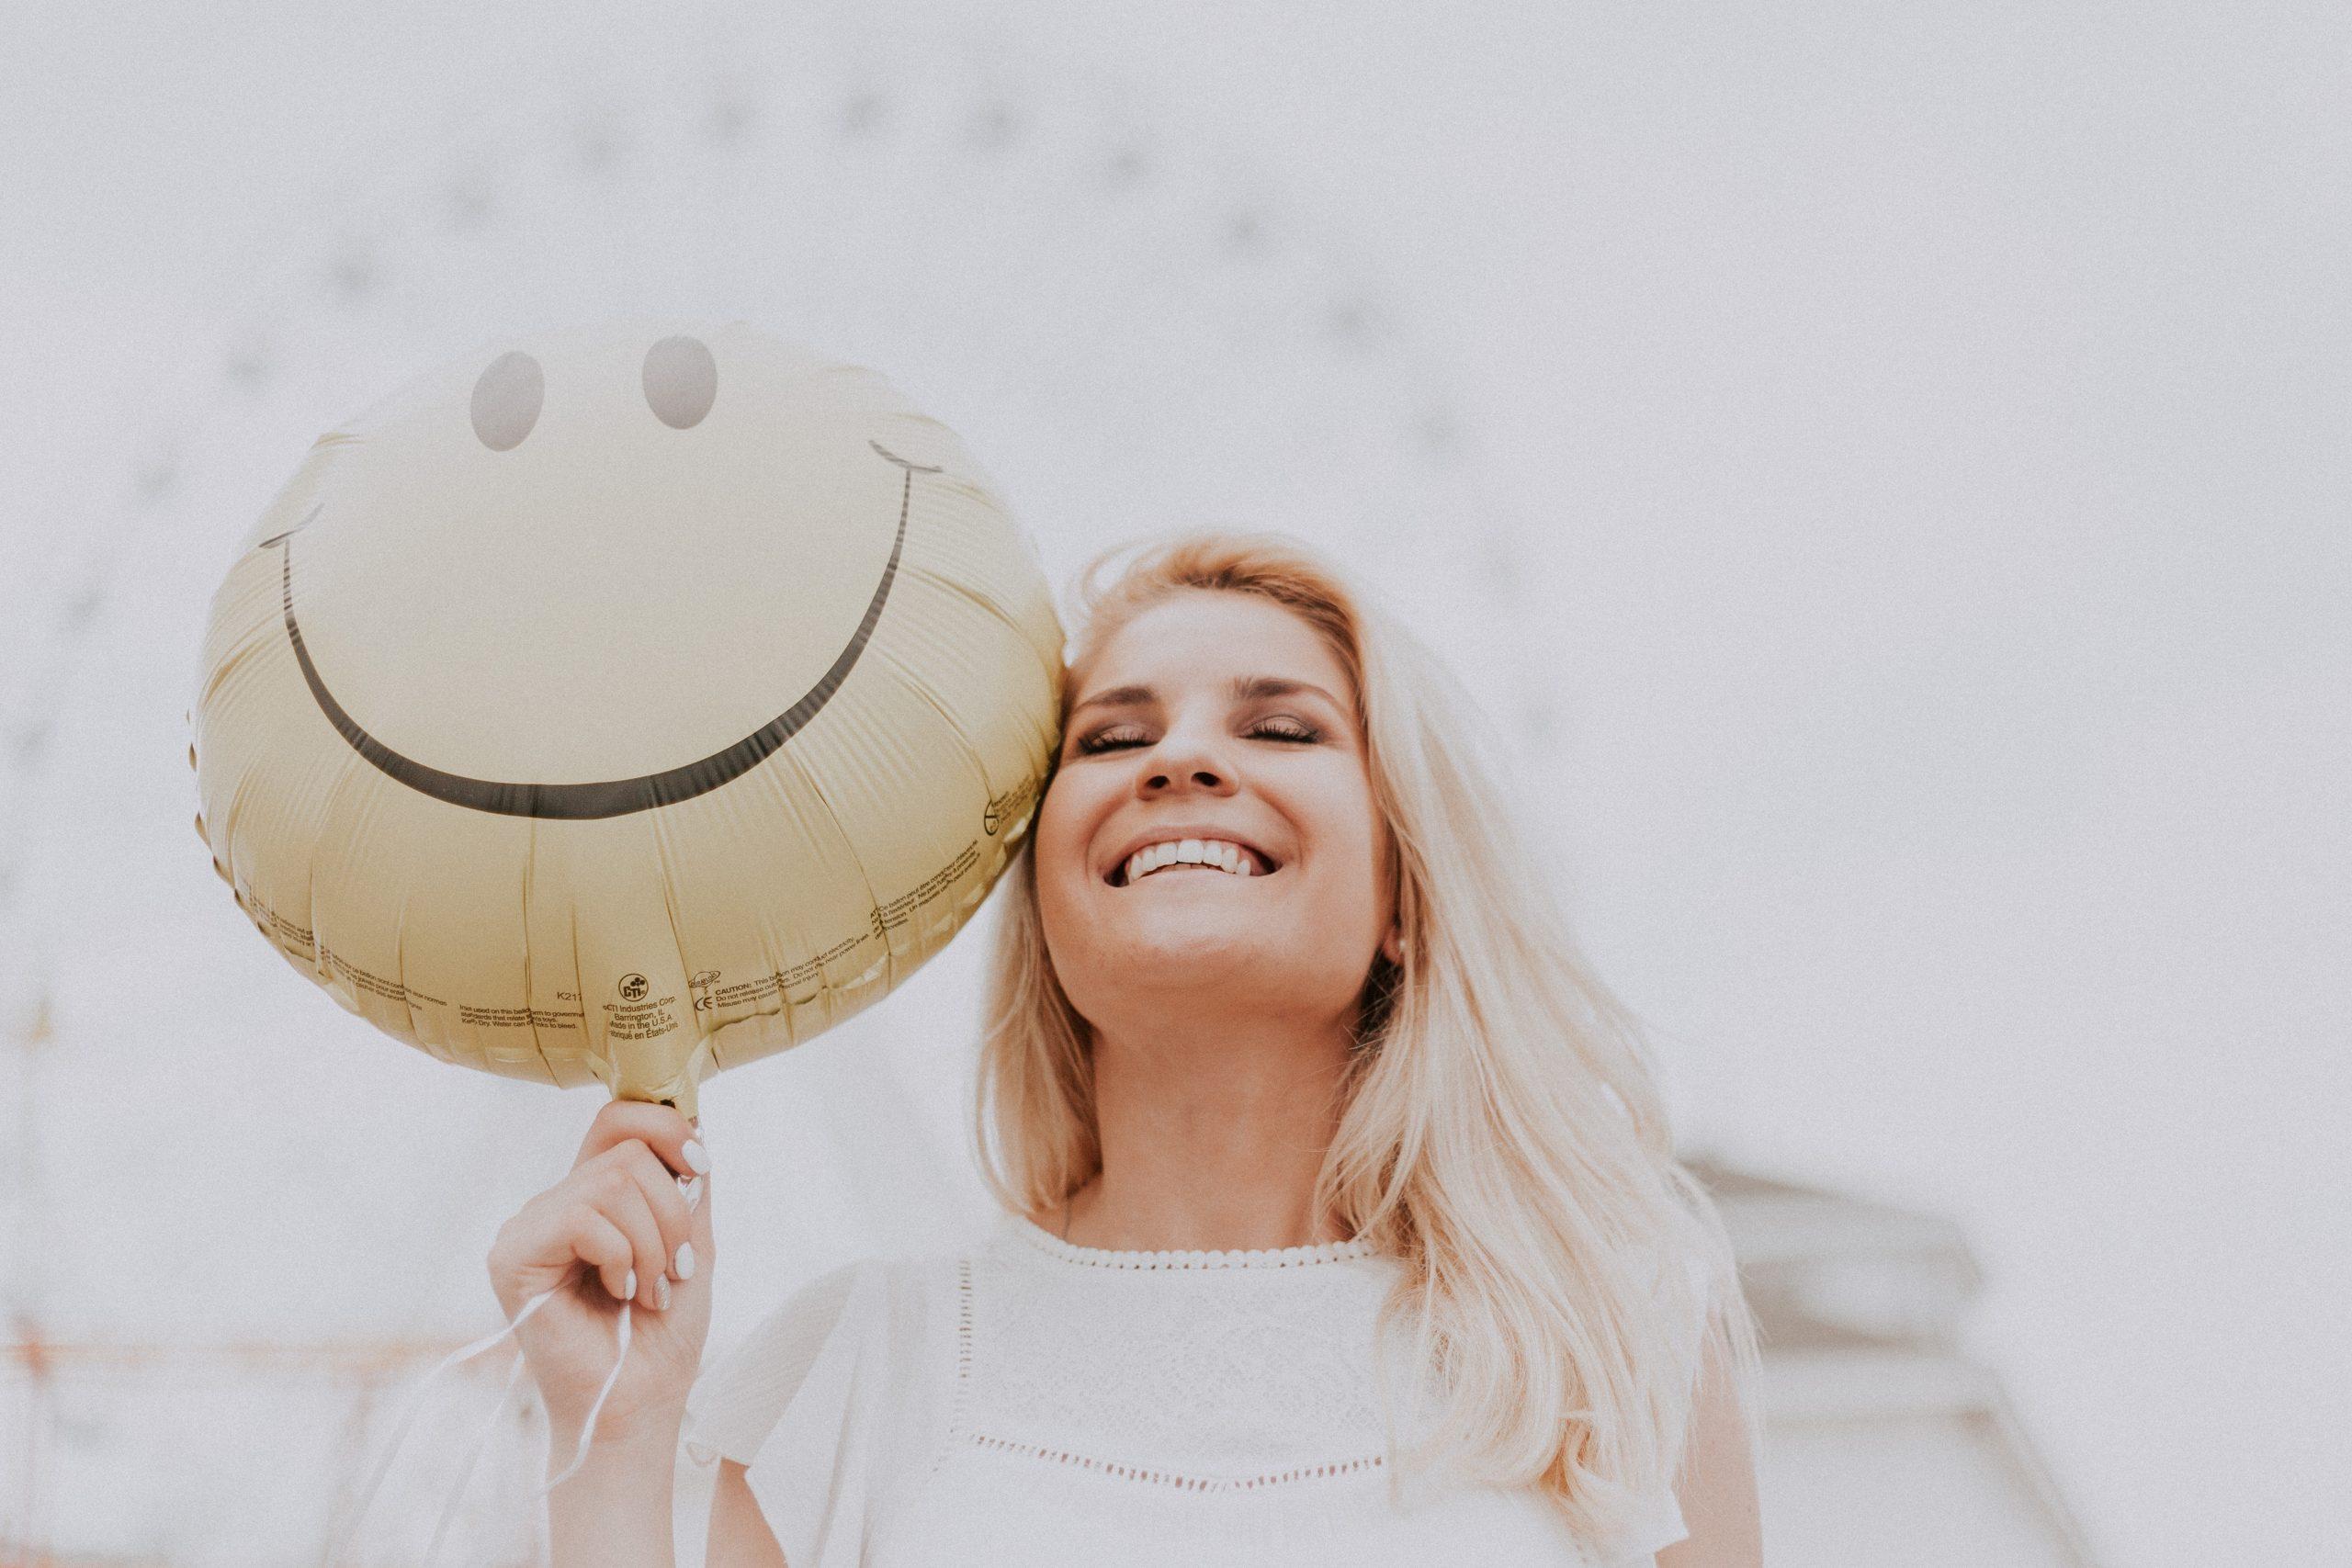 Как научиться мыслить позитивно и притягивать положительное?